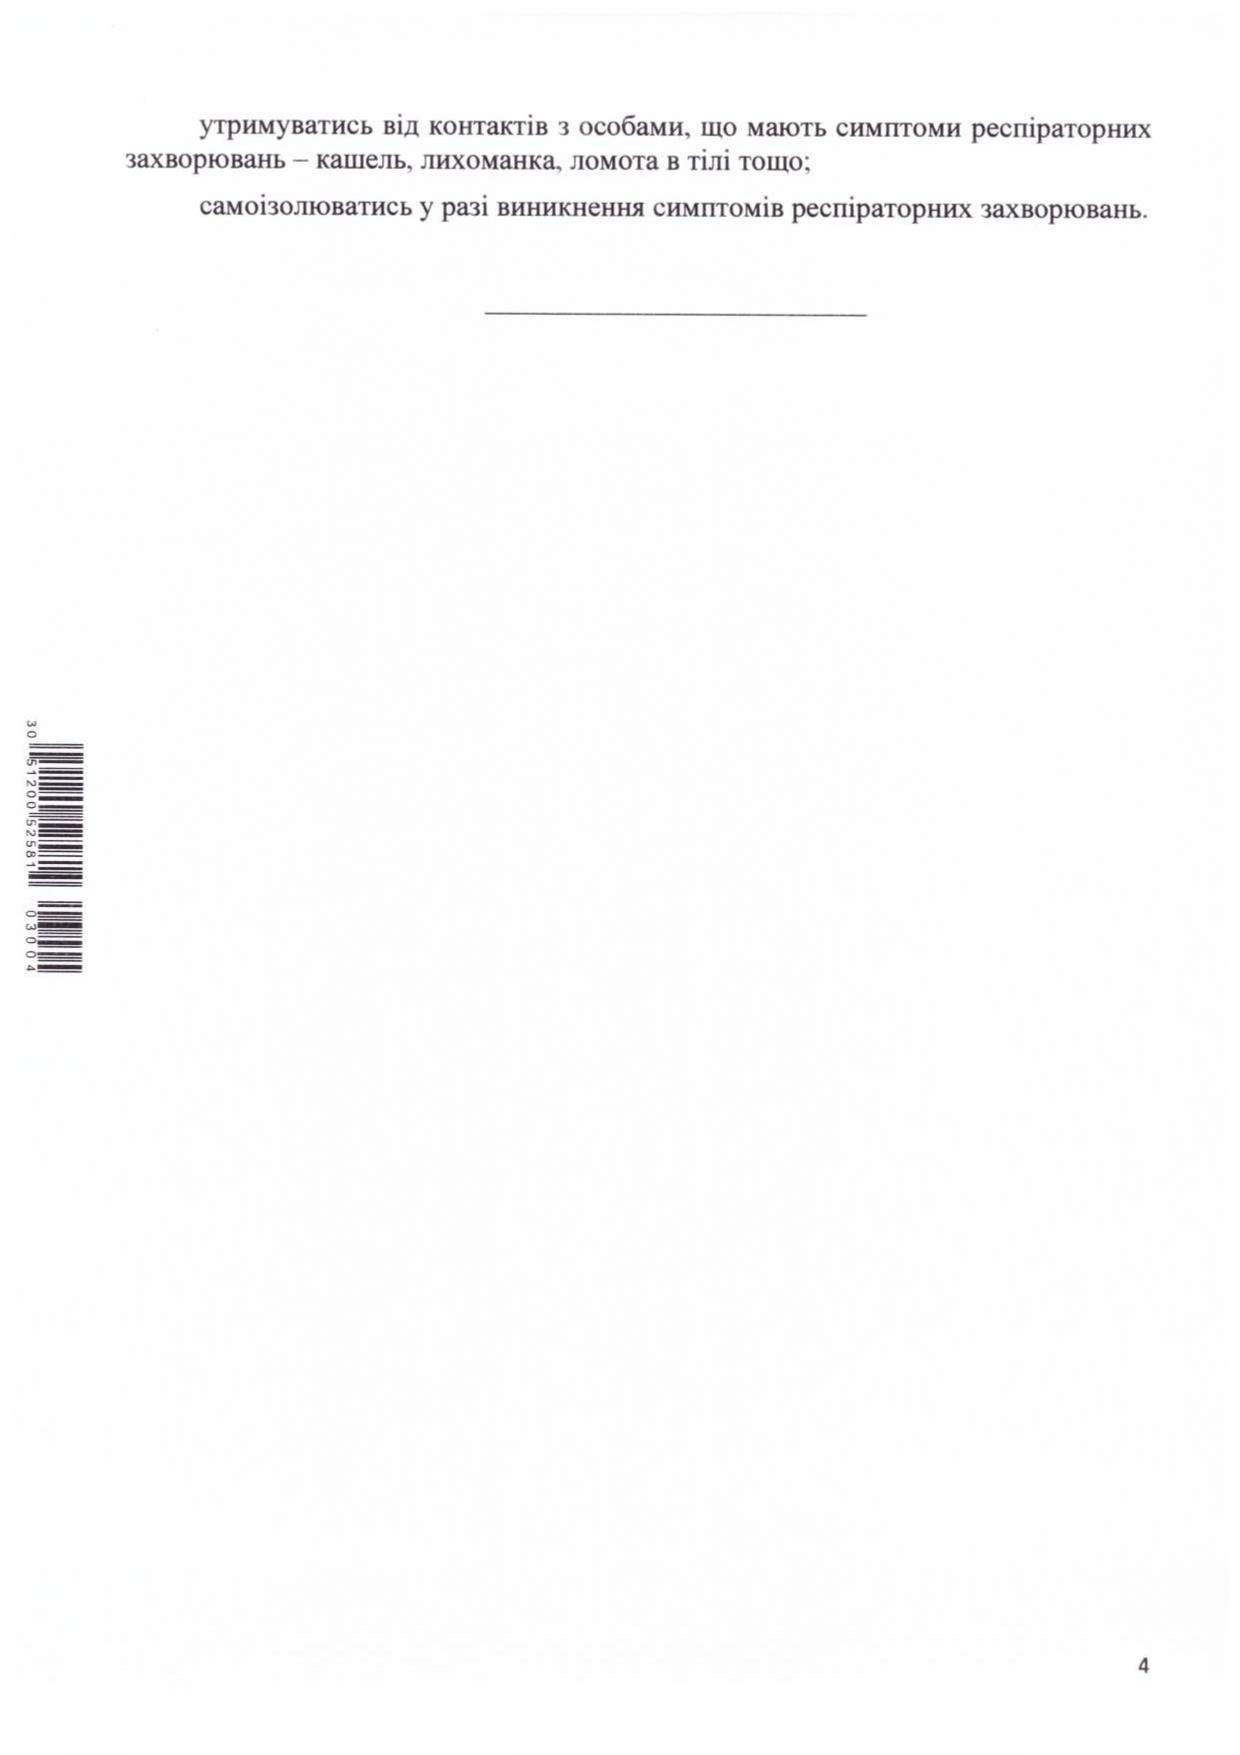 Постанова 17 Page 0004